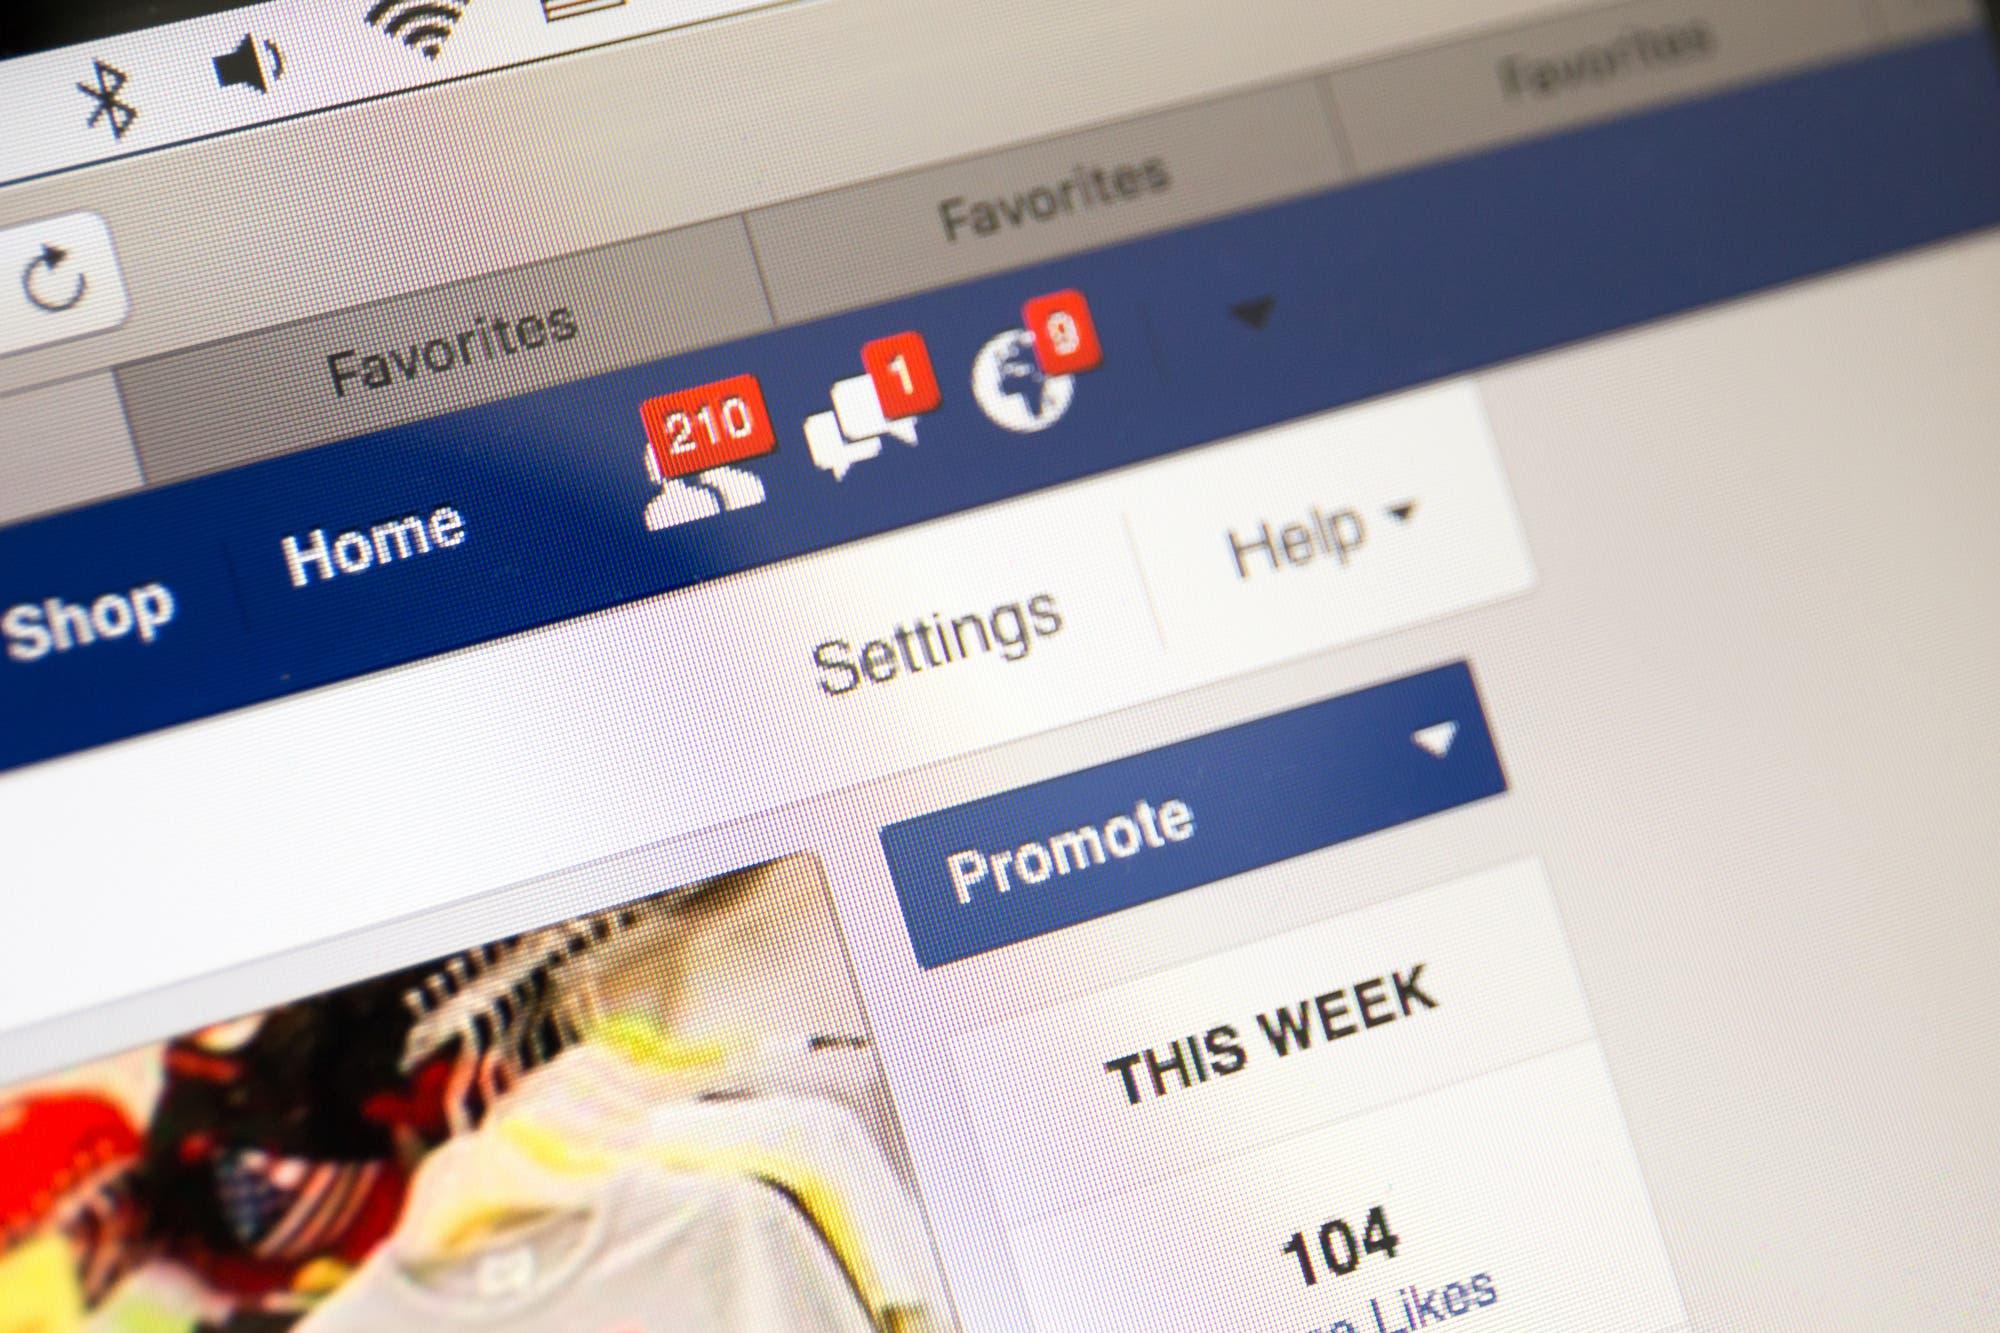 Cómo volver al diseño clásico de Facebook si no te gusta el nuevo aspecto de la red social